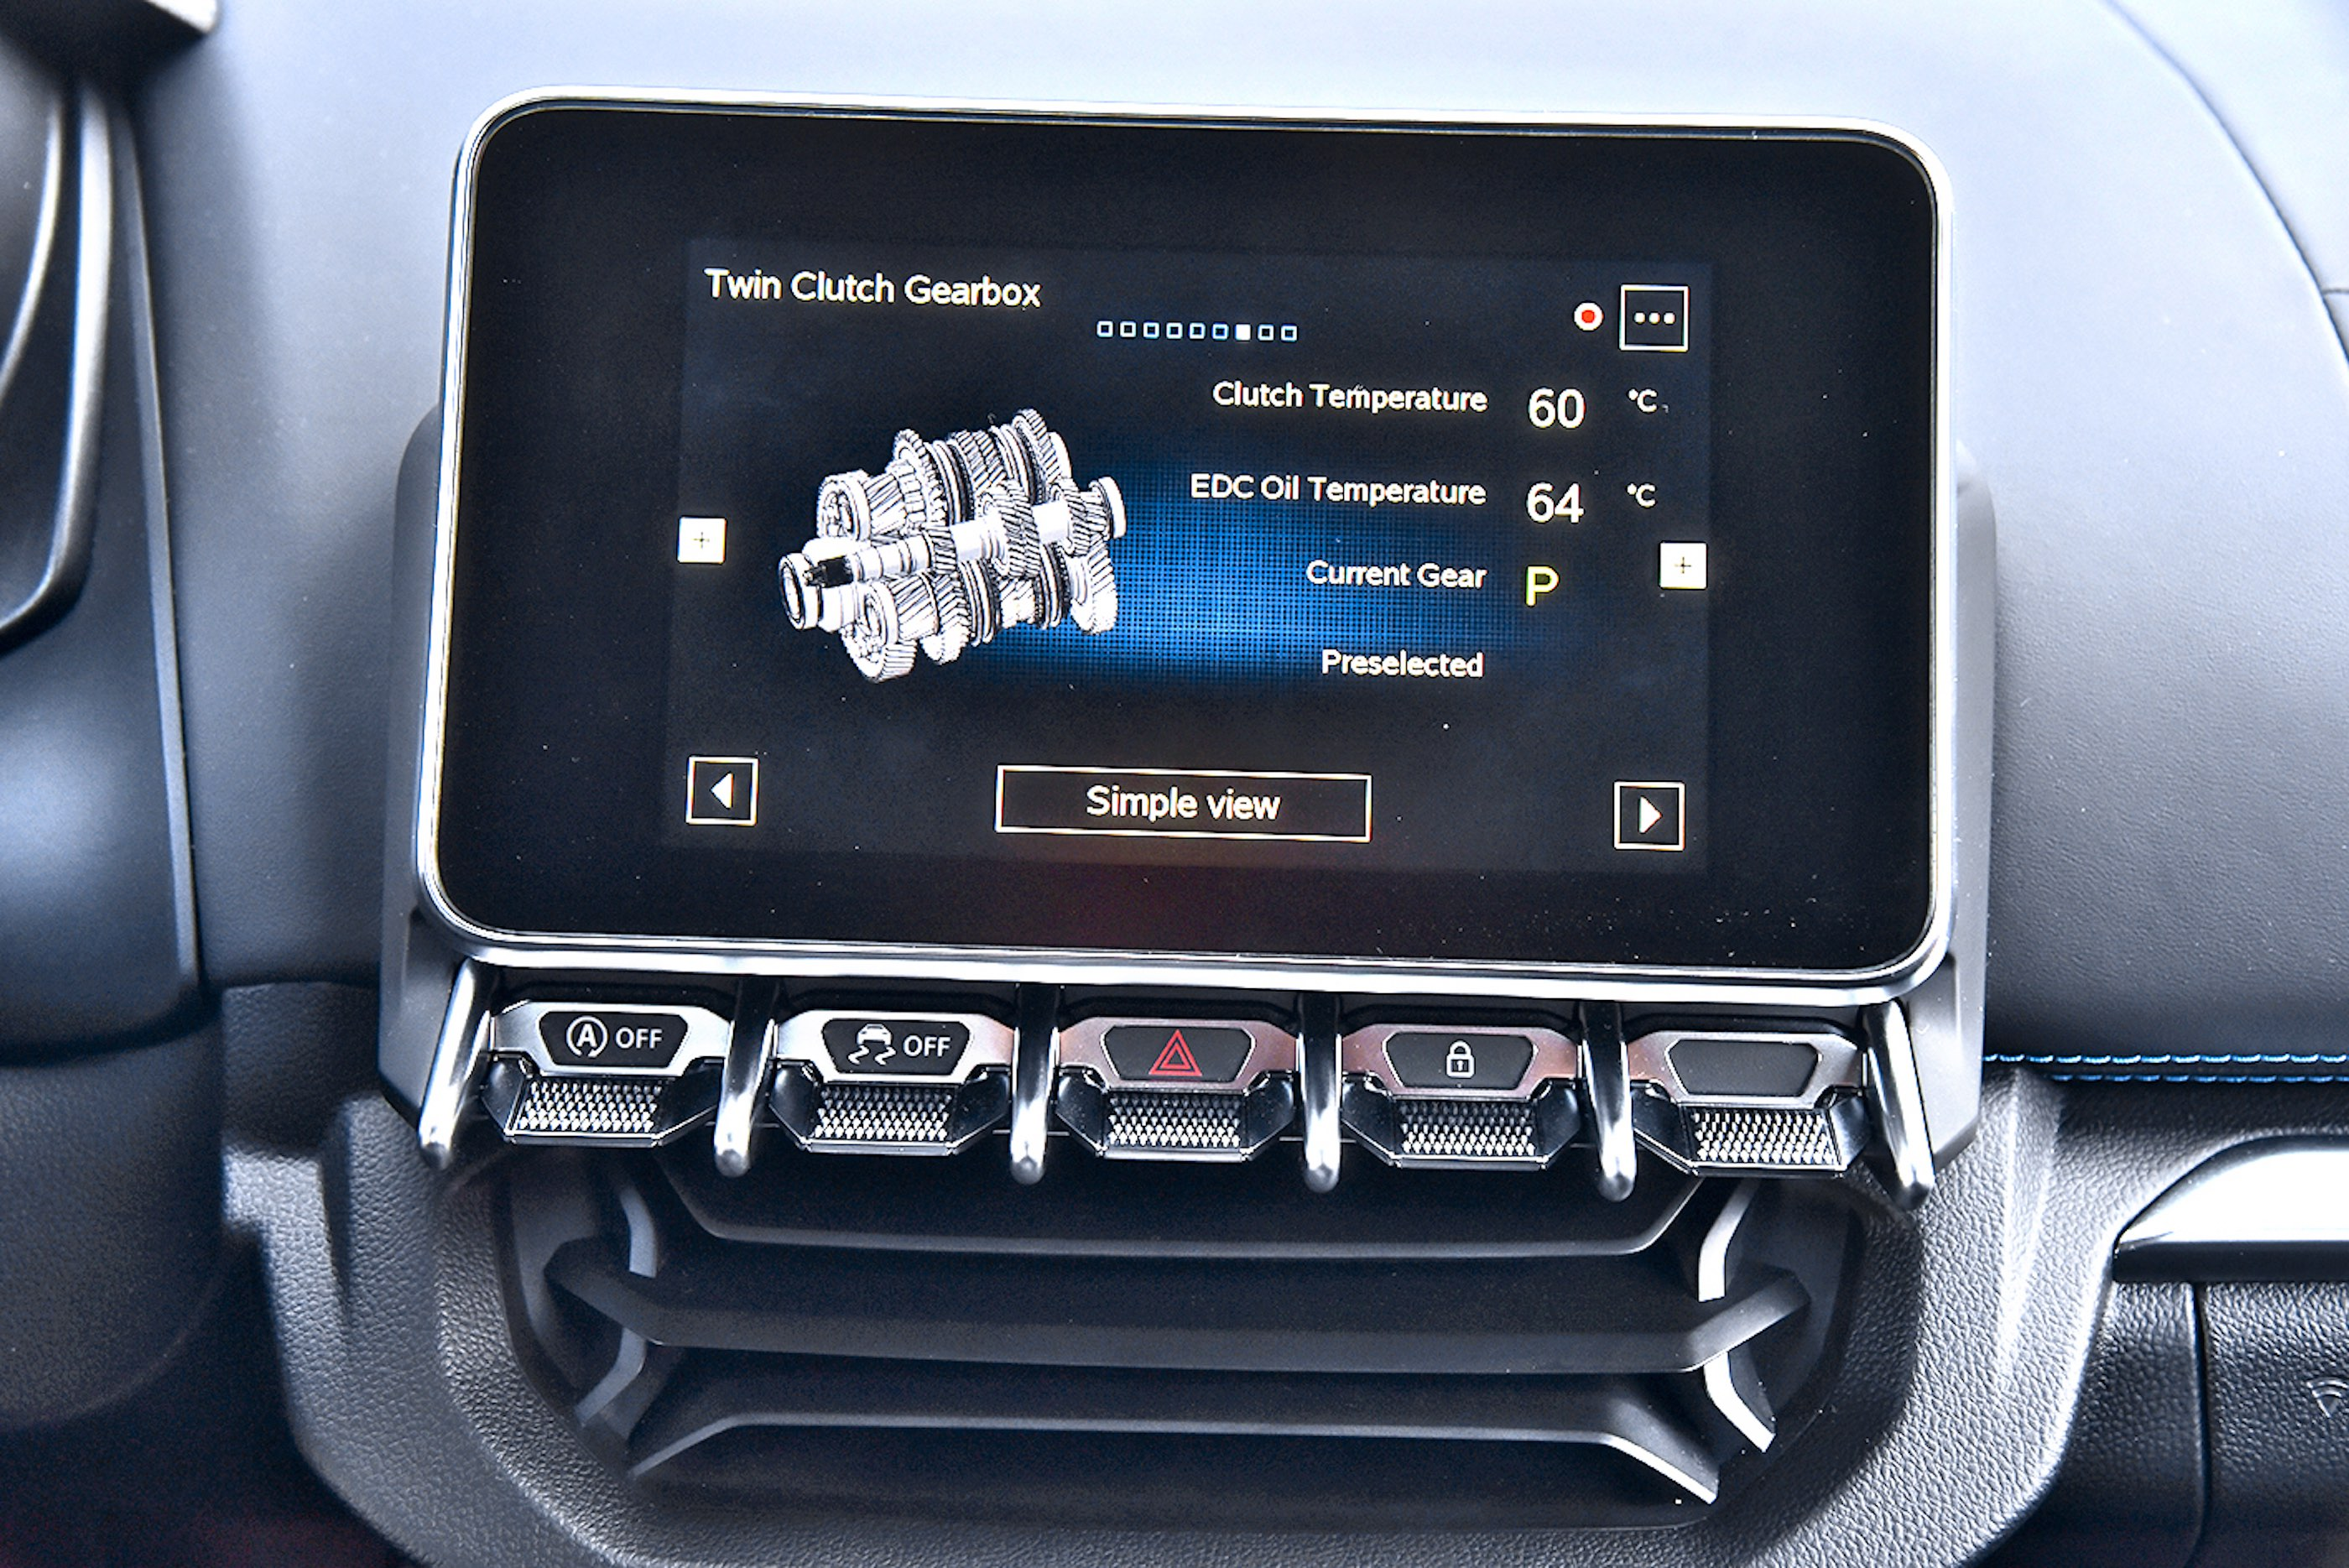 Seryjny w110S system Alpine Telemetric wyświetla liczne dane dotyczące samochodu, wtym m.in. ofunkcjonowaniu 7-stopniowej przekładni.